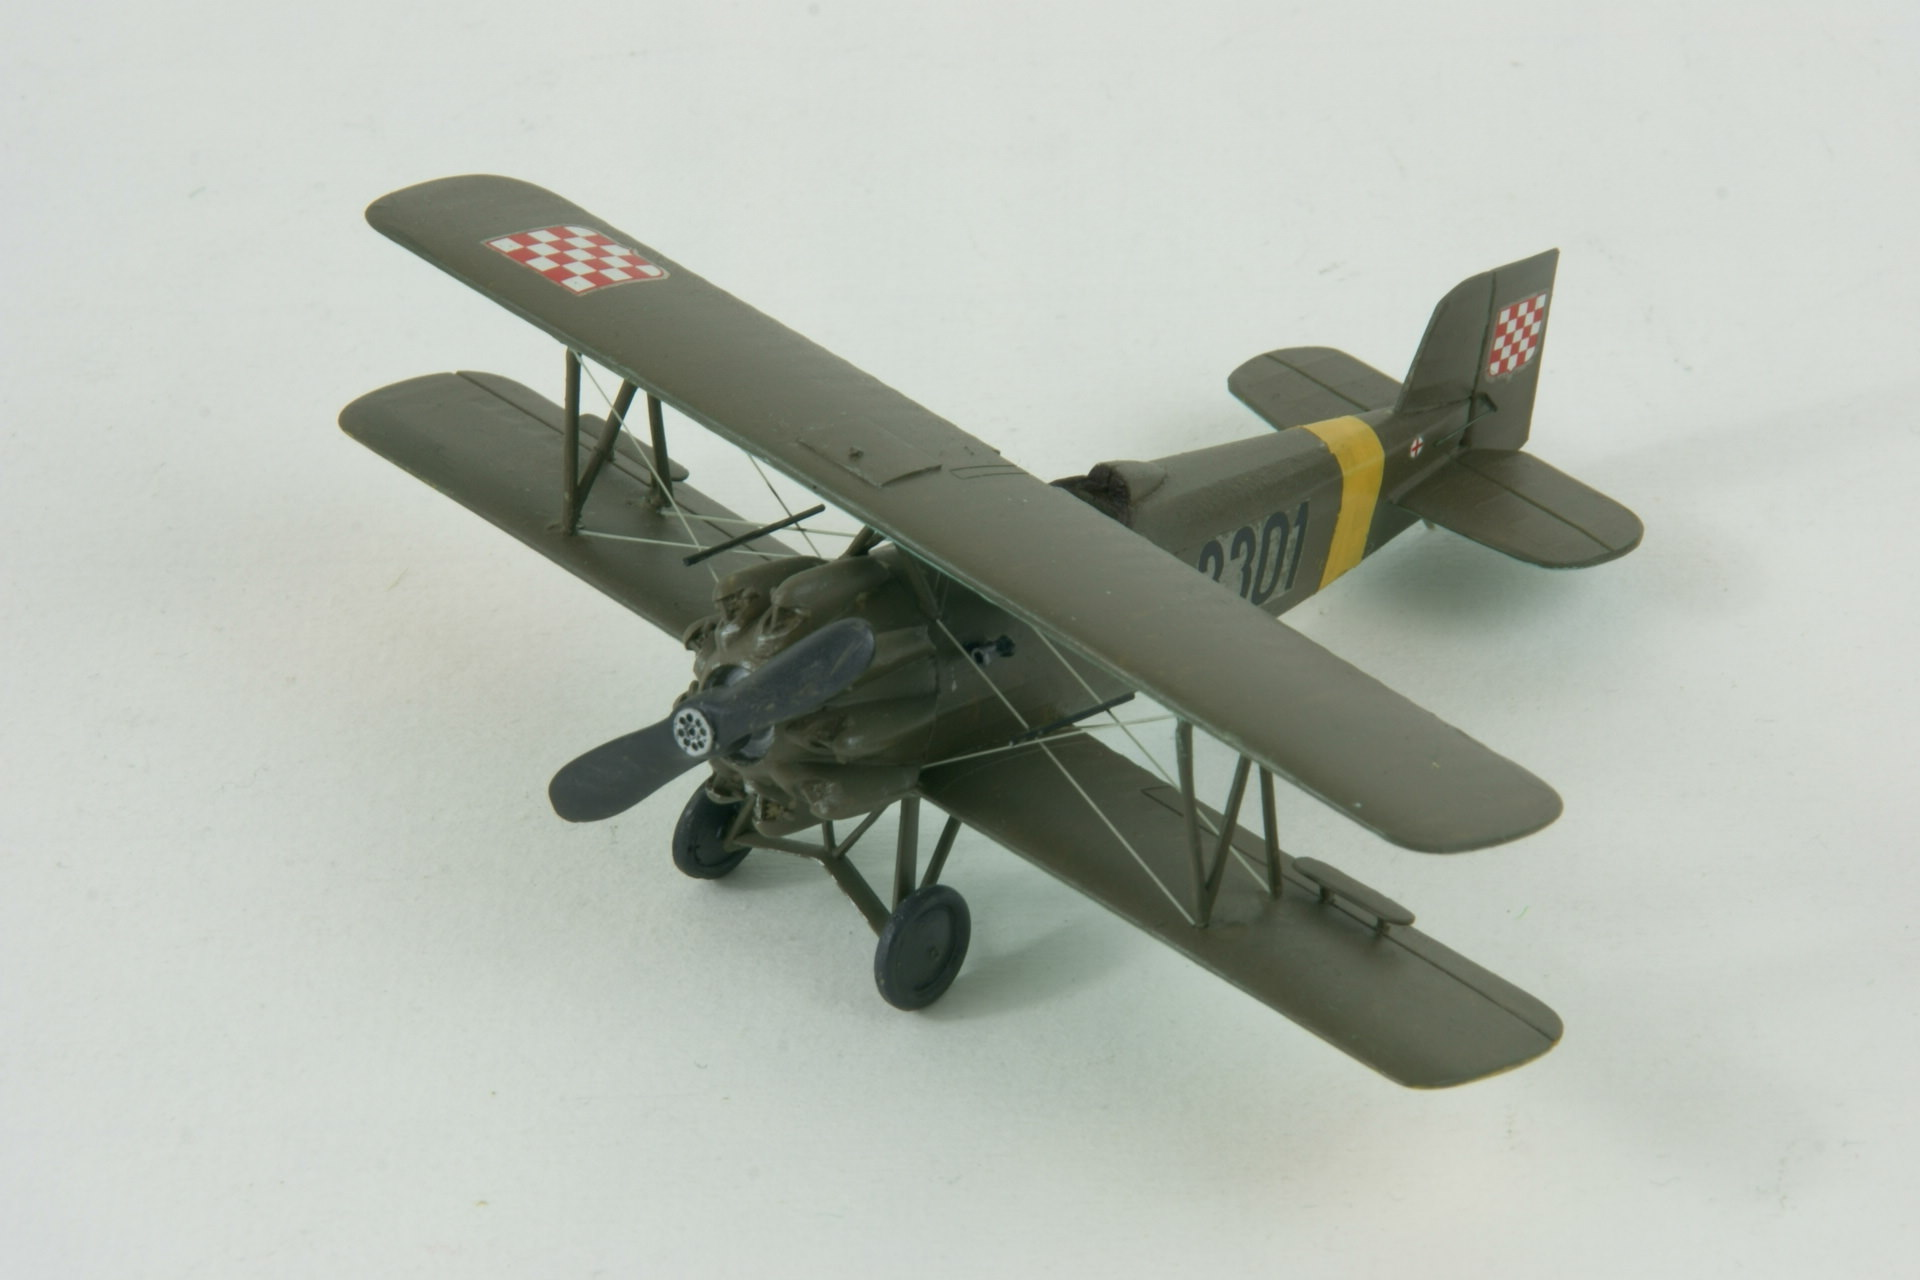 Avia bh 33e 1 1